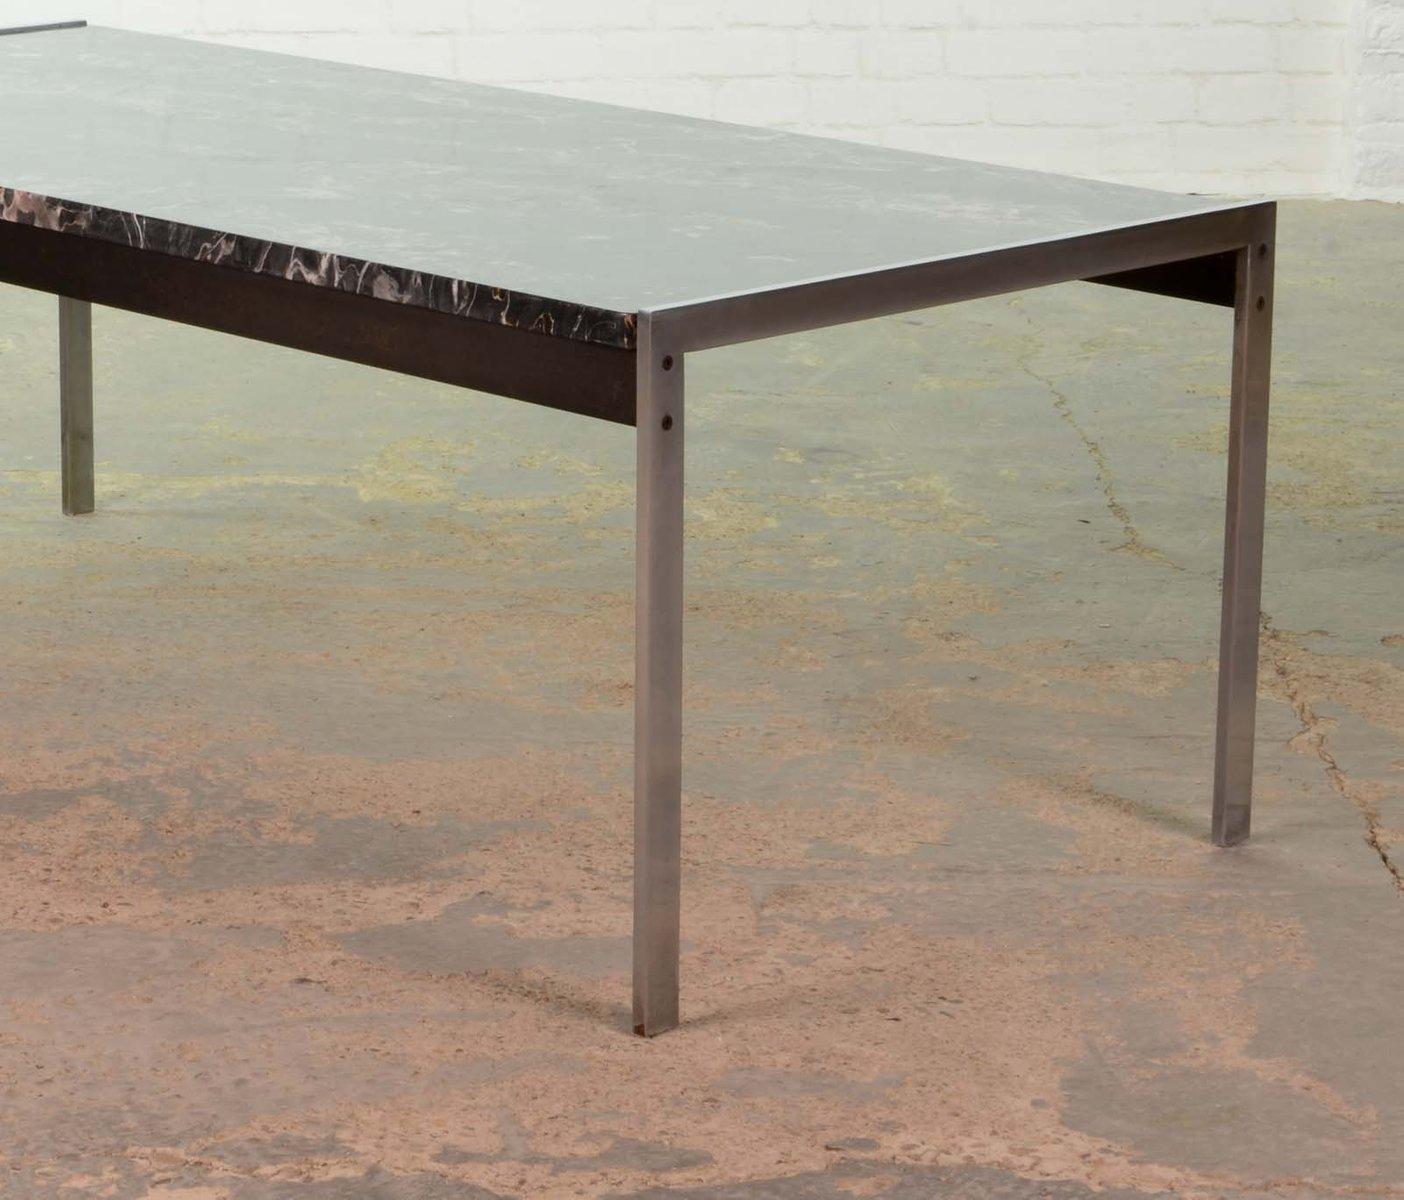 Table basse en marbre noir et acier bross par kho liangh - Table basse acier noir ...